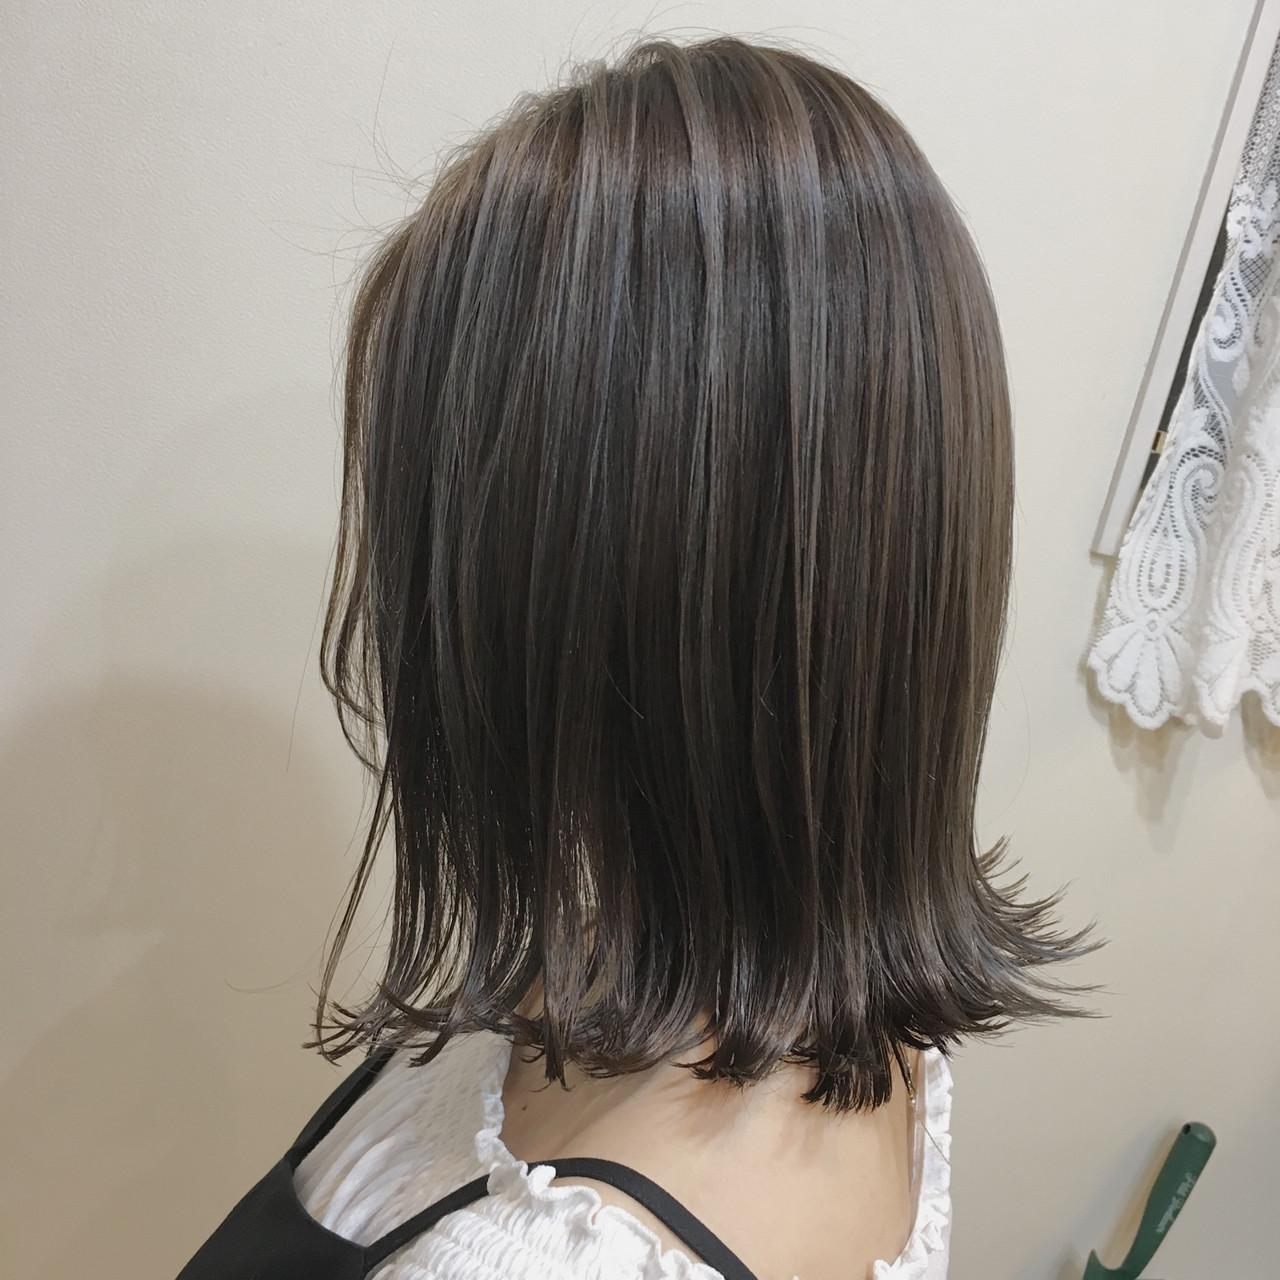 ナチュラル 3Dハイライト コントラストハイライト 大人ハイライトヘアスタイルや髪型の写真・画像